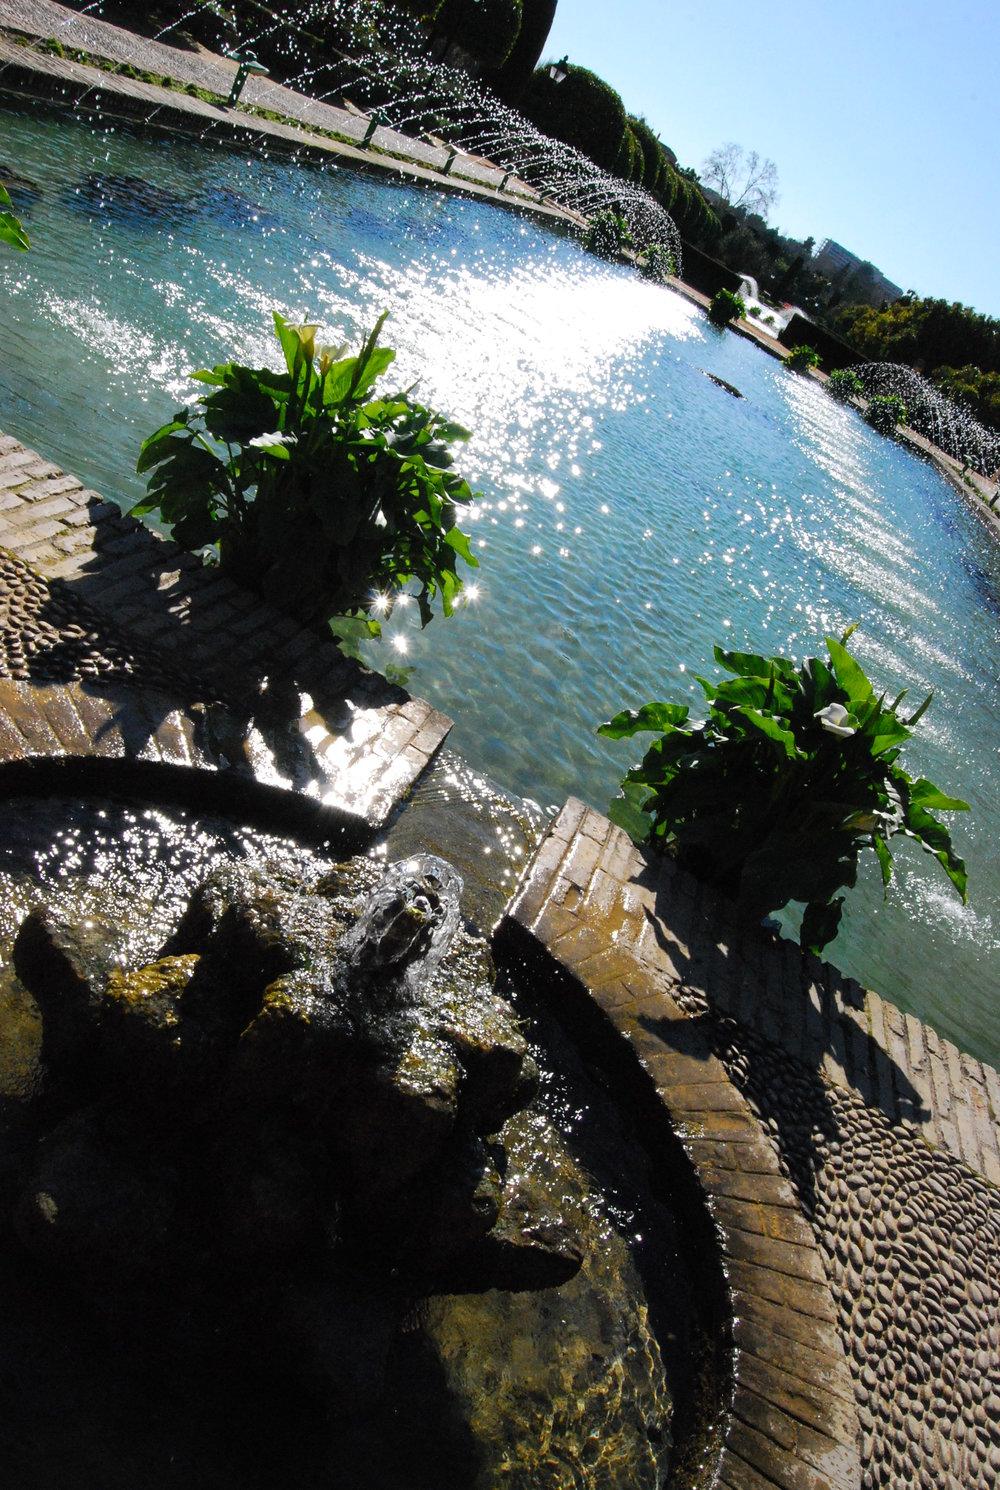 Pool - Cordoba, Spain.JPG